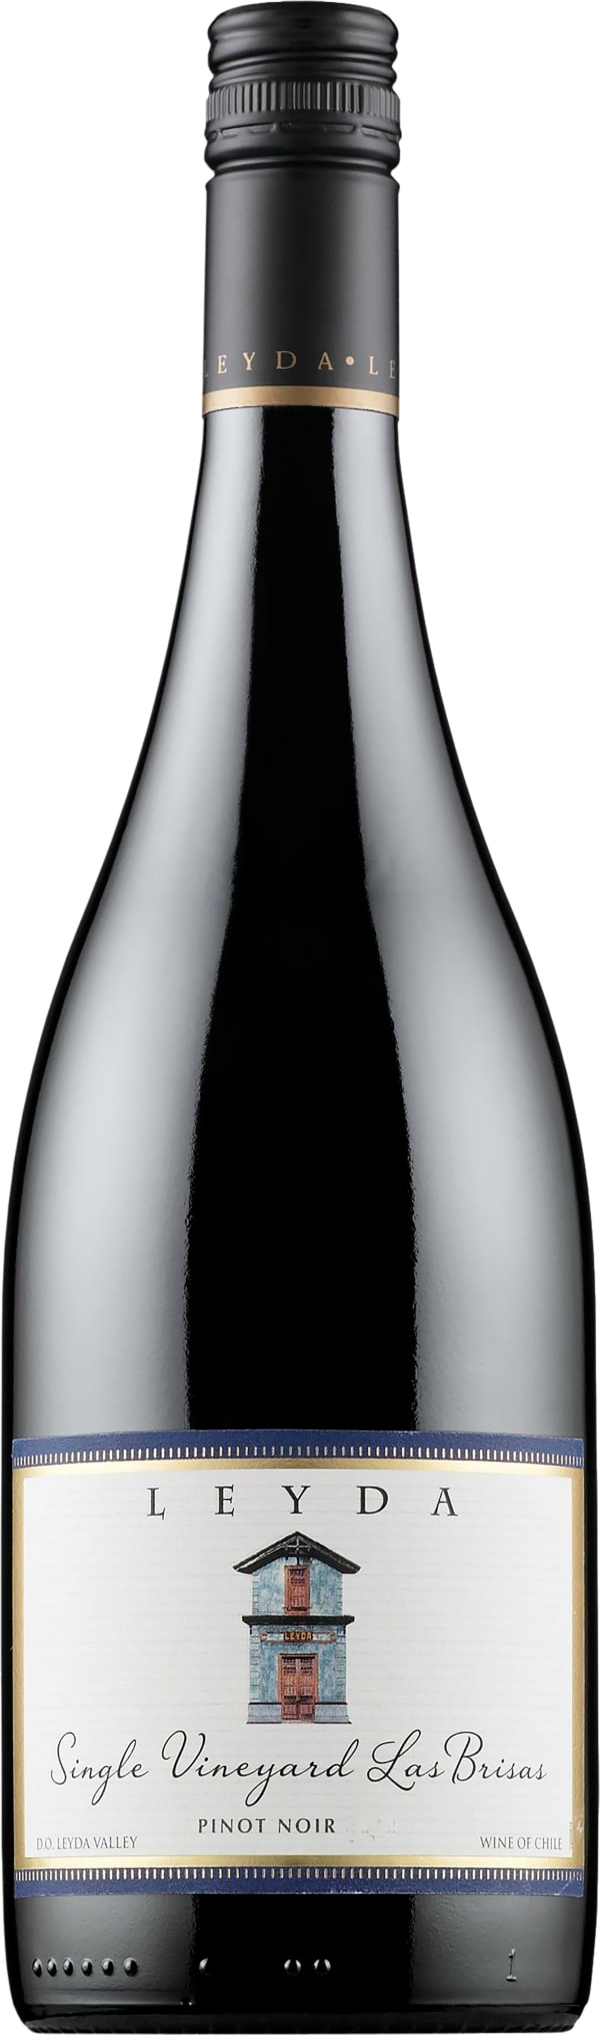 Leyda Las Brisas Pinot Noir 2017